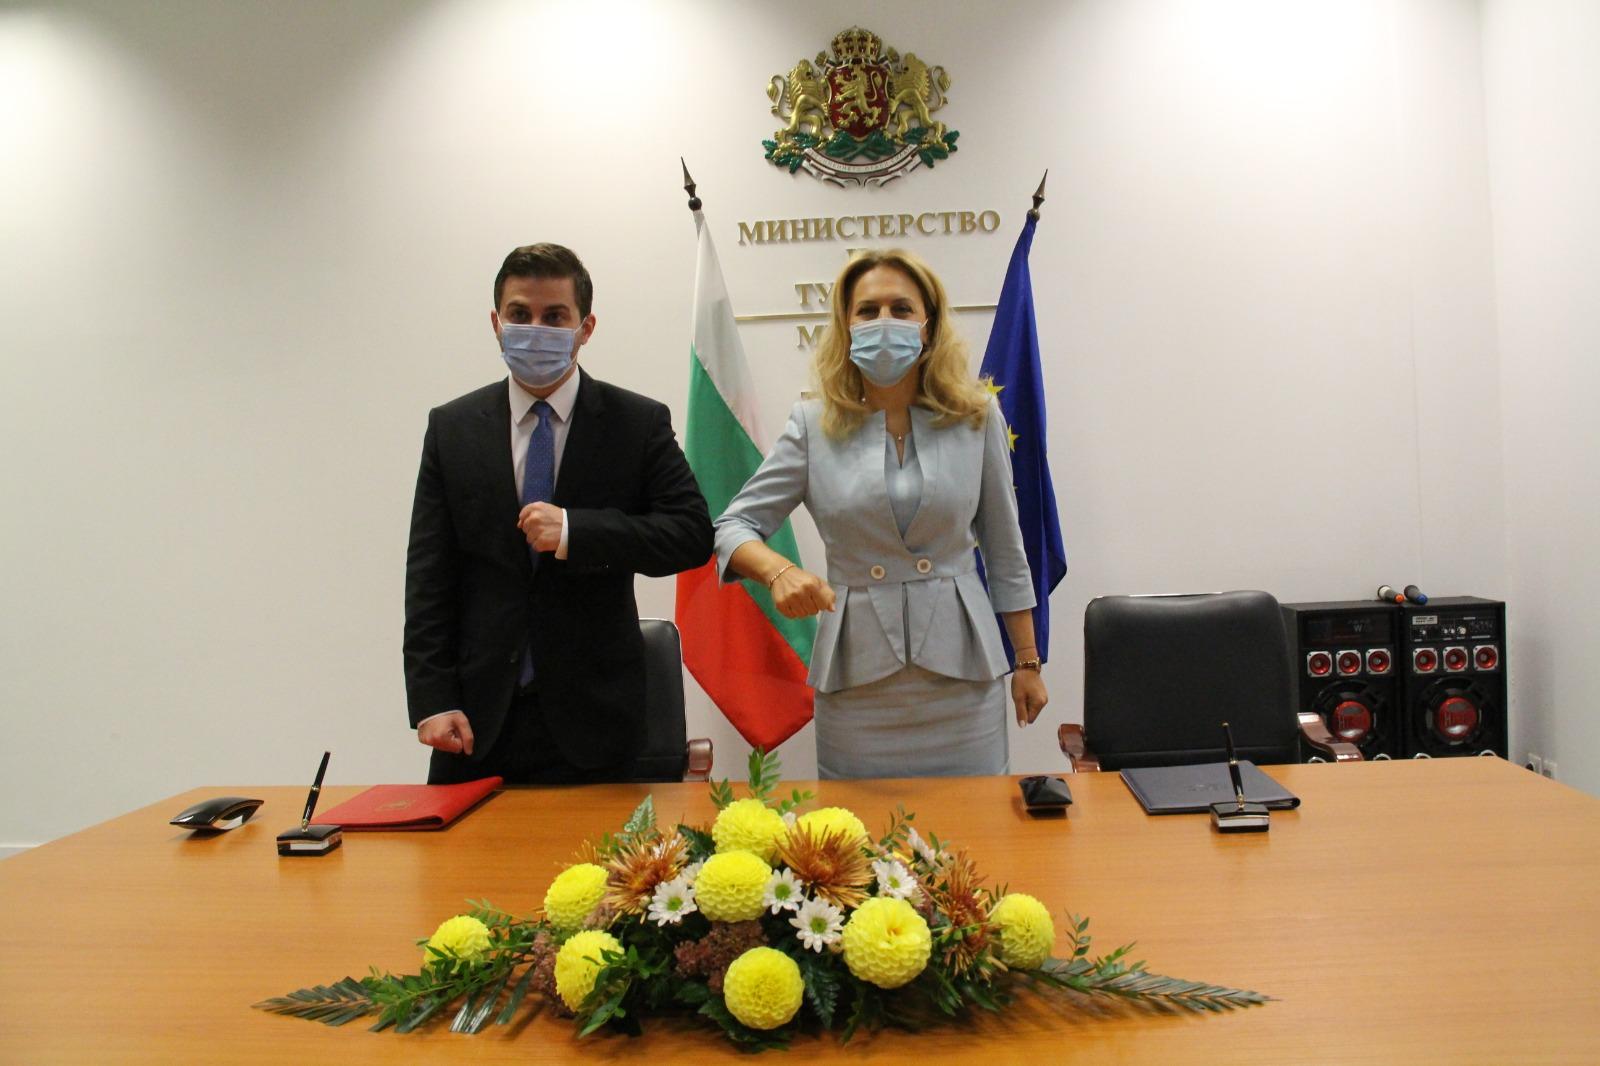 Bulgaristan ve Arnavutluk arasında turizm alanında işbirliği anlaşması